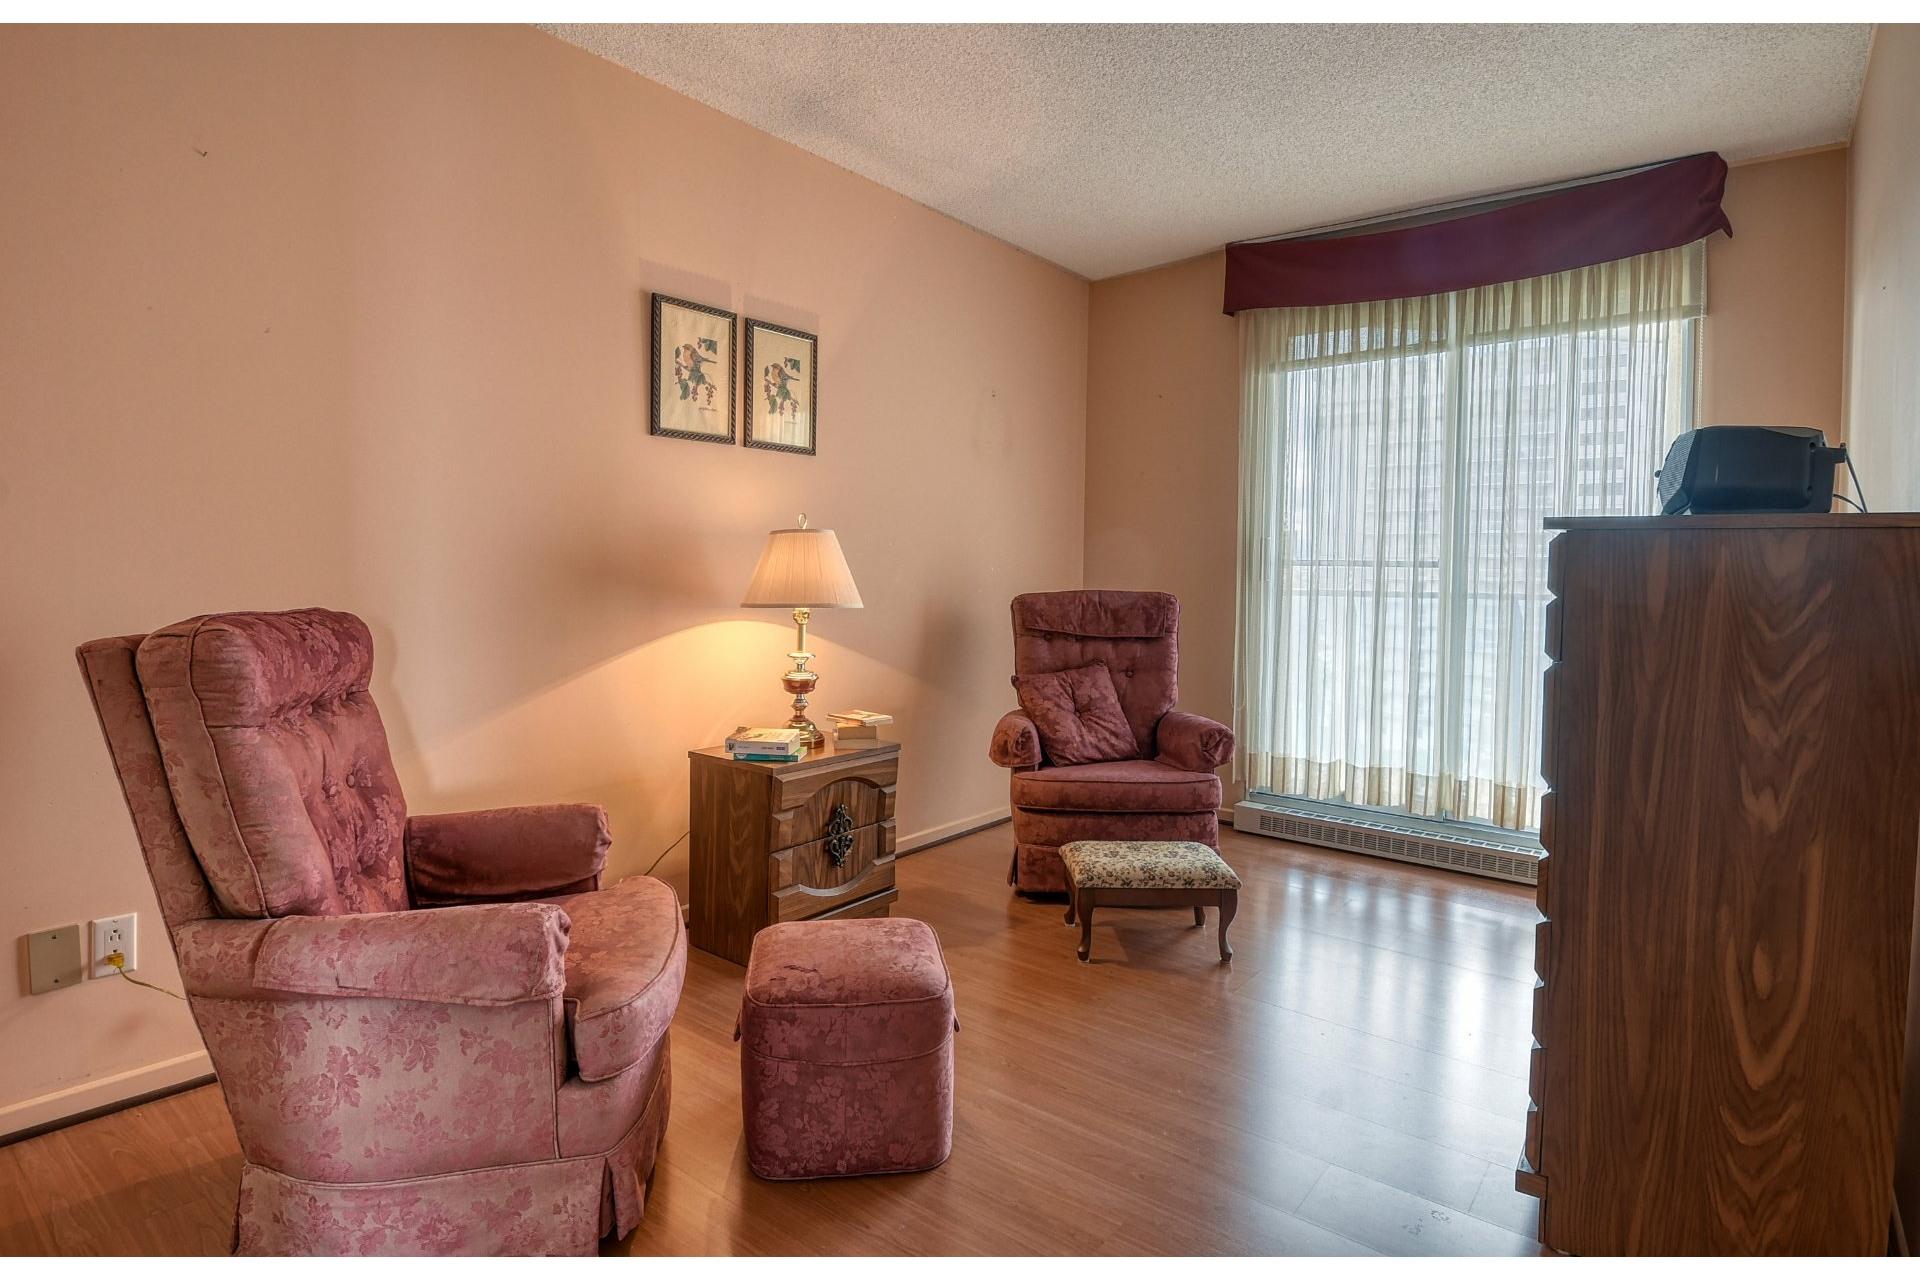 image 11 - Appartement À vendre Montréal-Nord Montréal  - 6 pièces